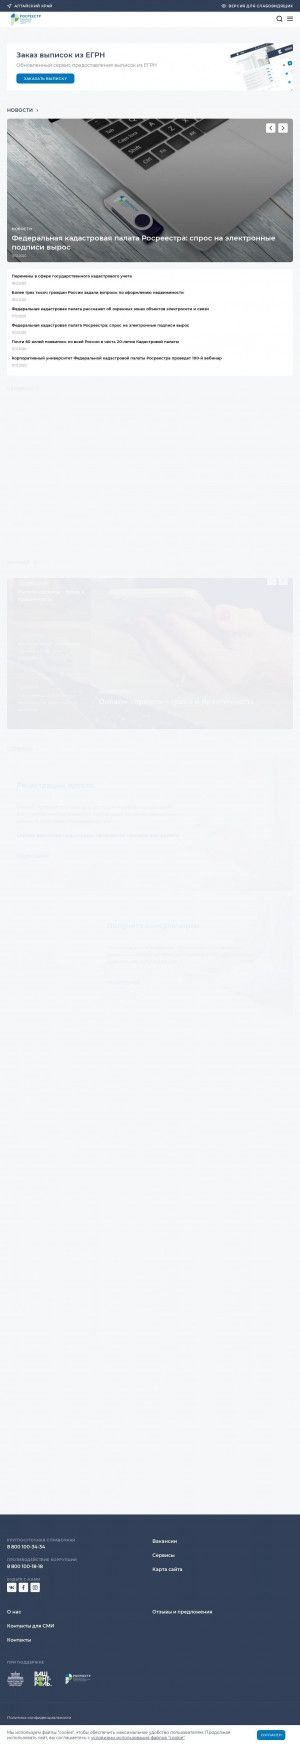 Предпросмотр для r29.kadastr.ru — Земельная Кадастровая Палата по Архангельской области ФГУ Шенкурский территориальный отдел